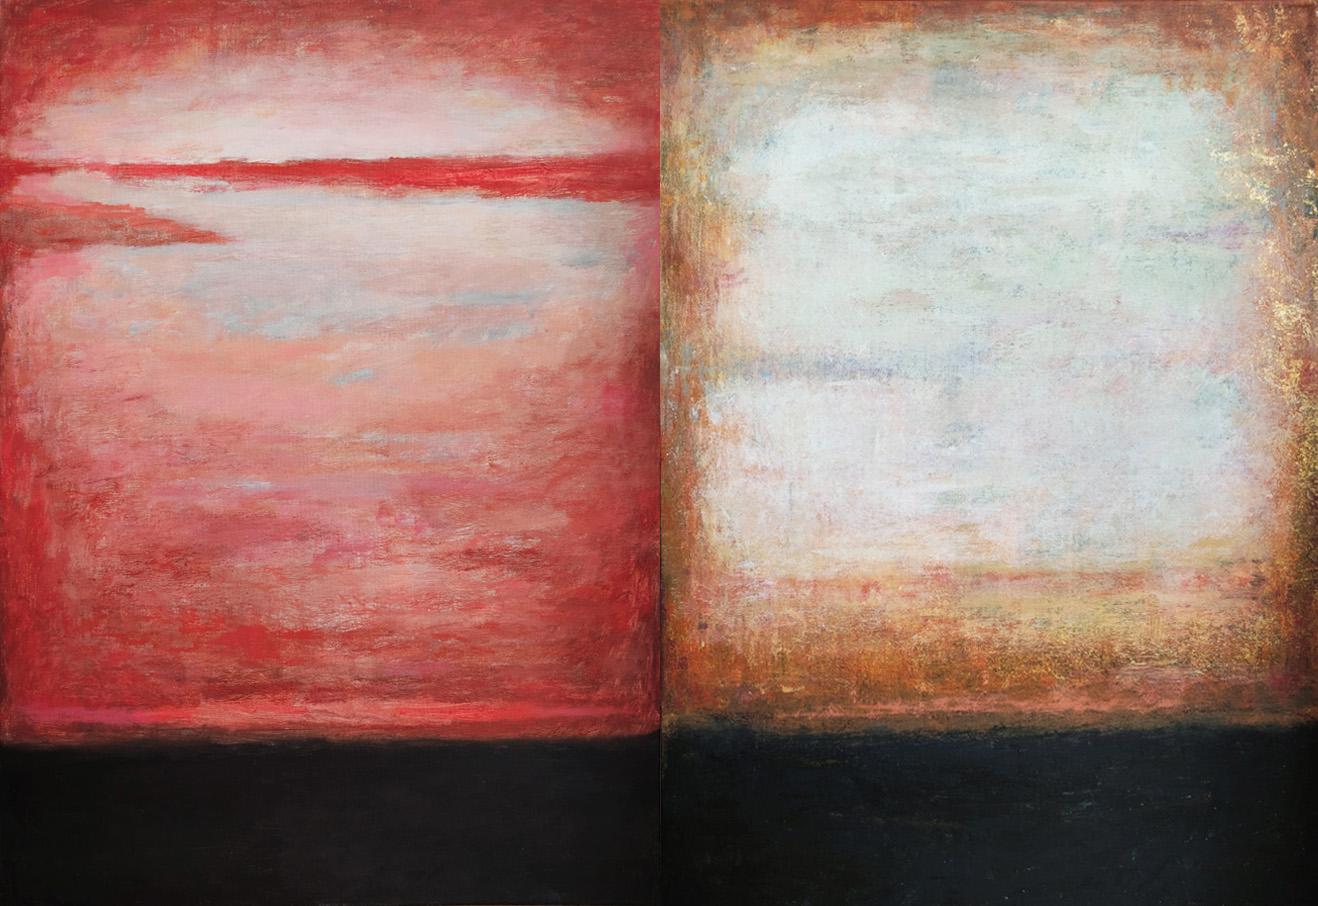 Abstrakcja pejzażu, 2020